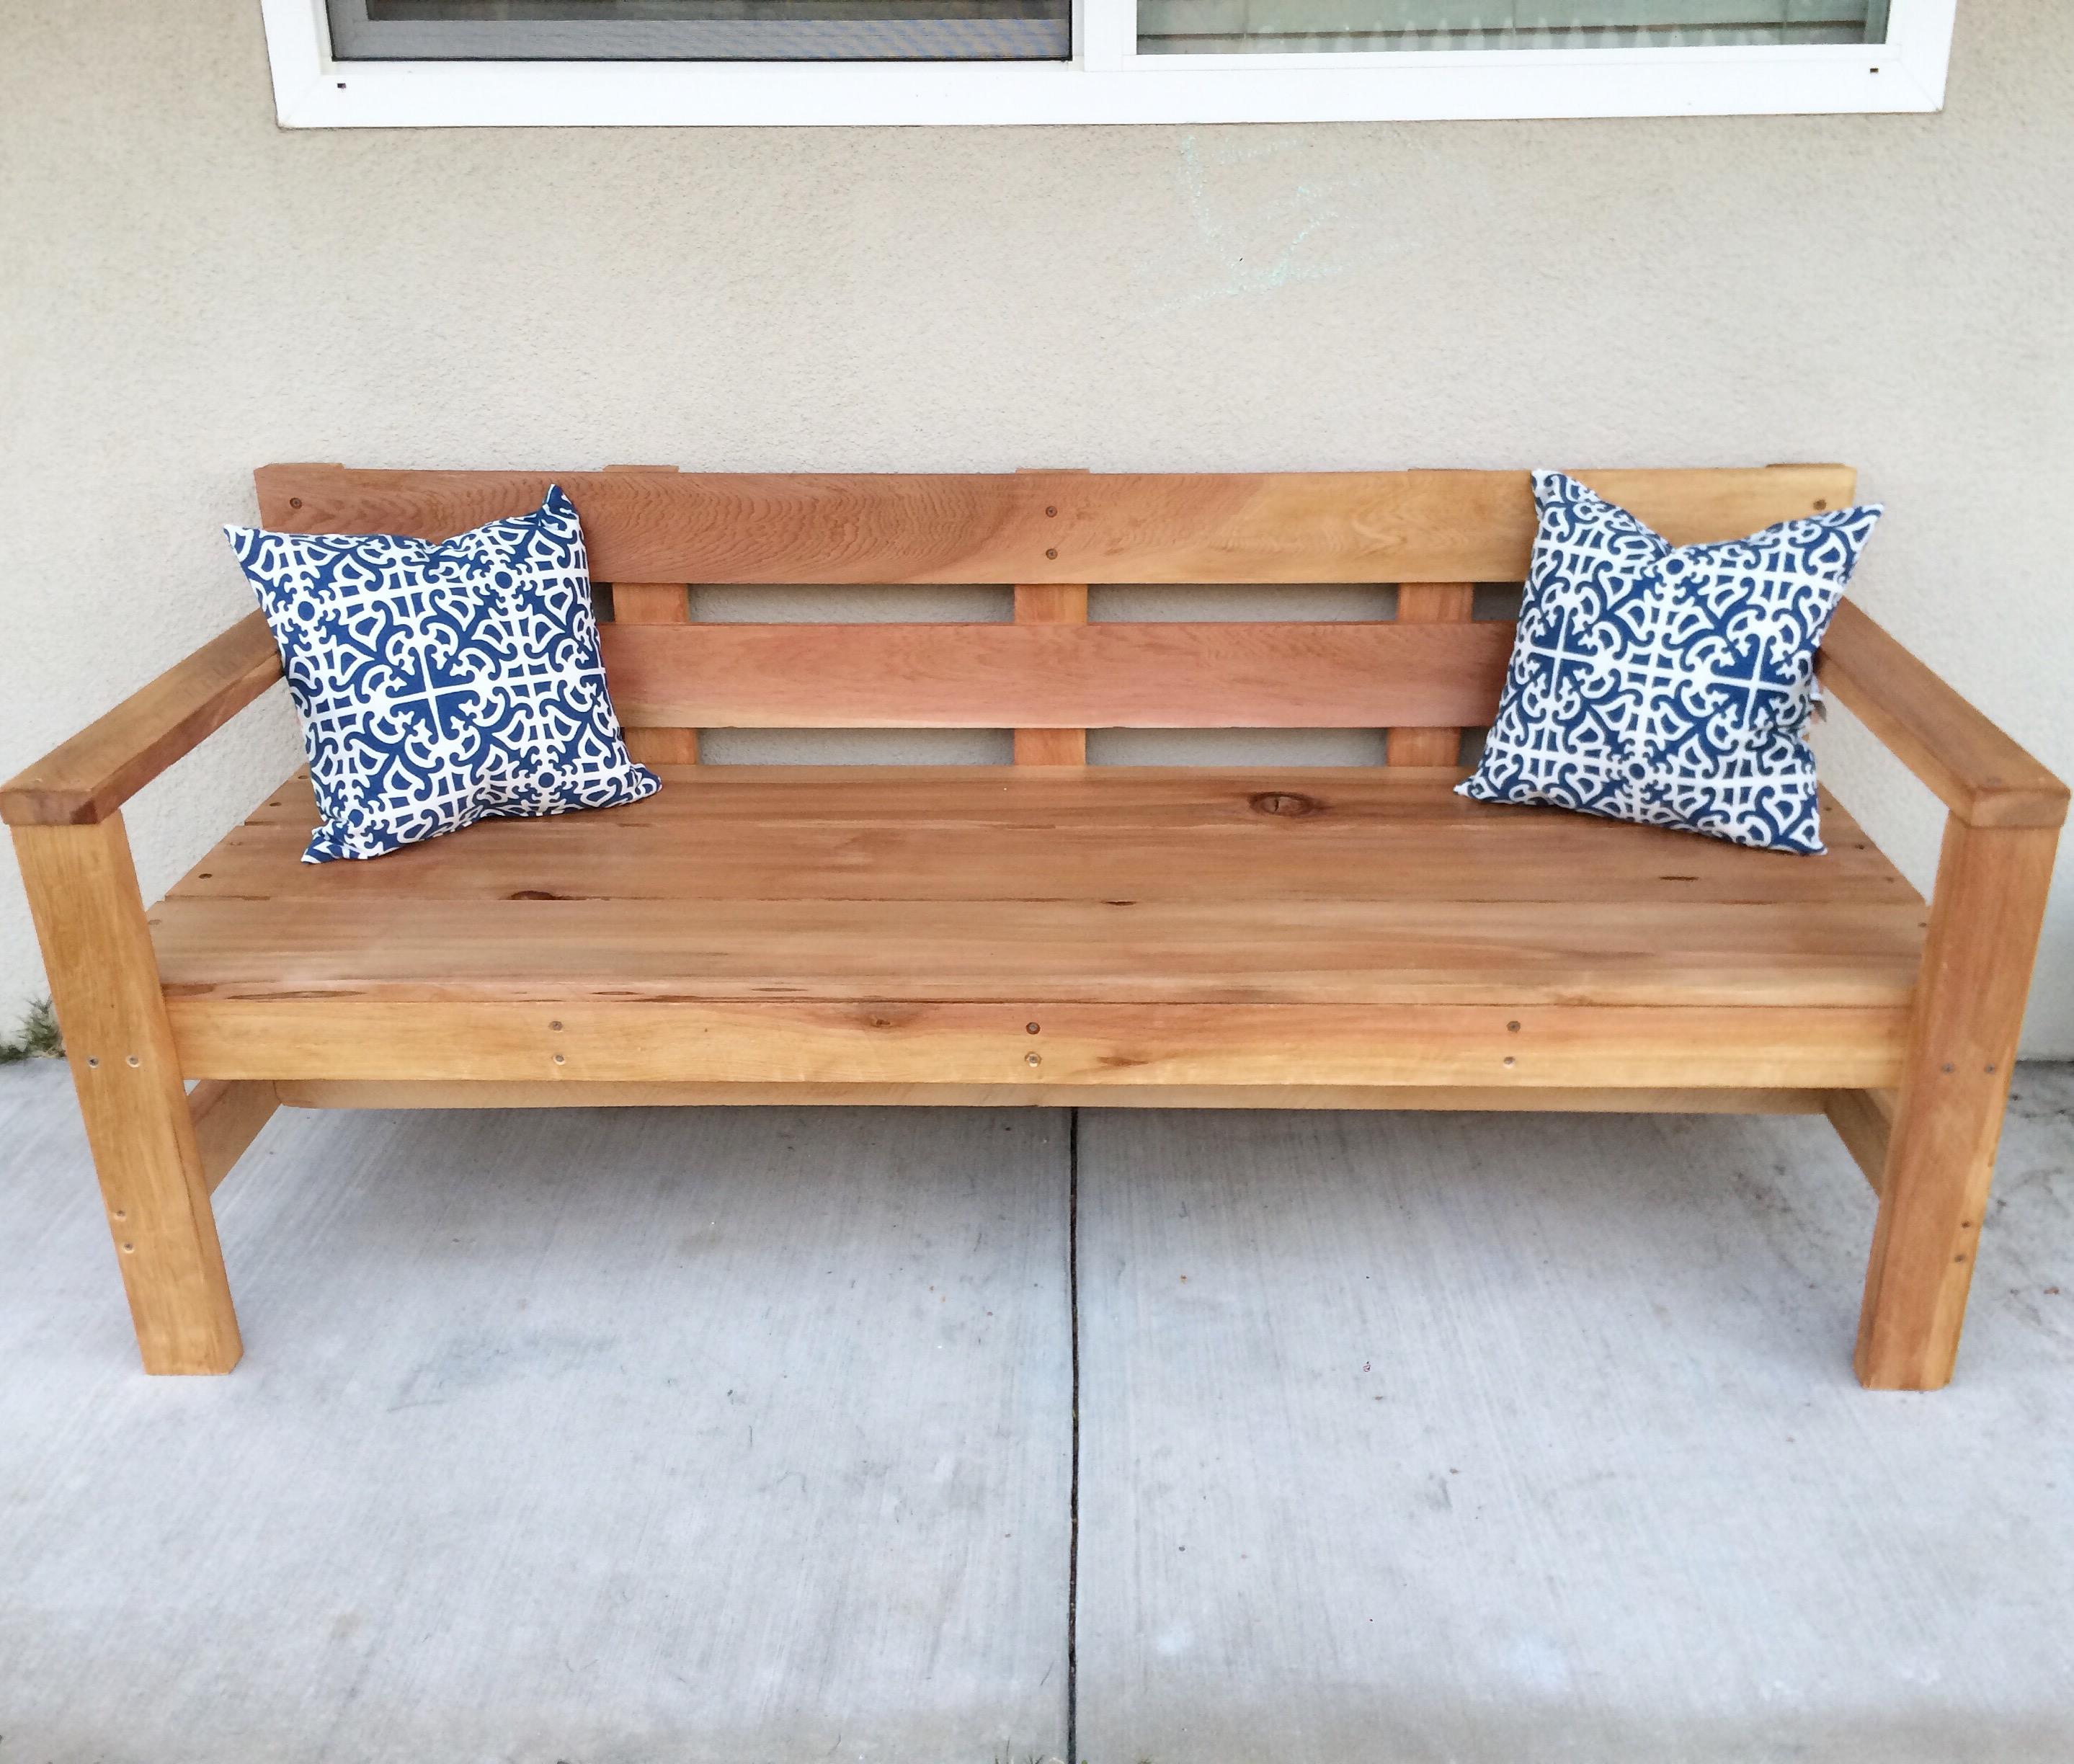 Remarkable Modern Park Bench Ana White Ncnpc Chair Design For Home Ncnpcorg